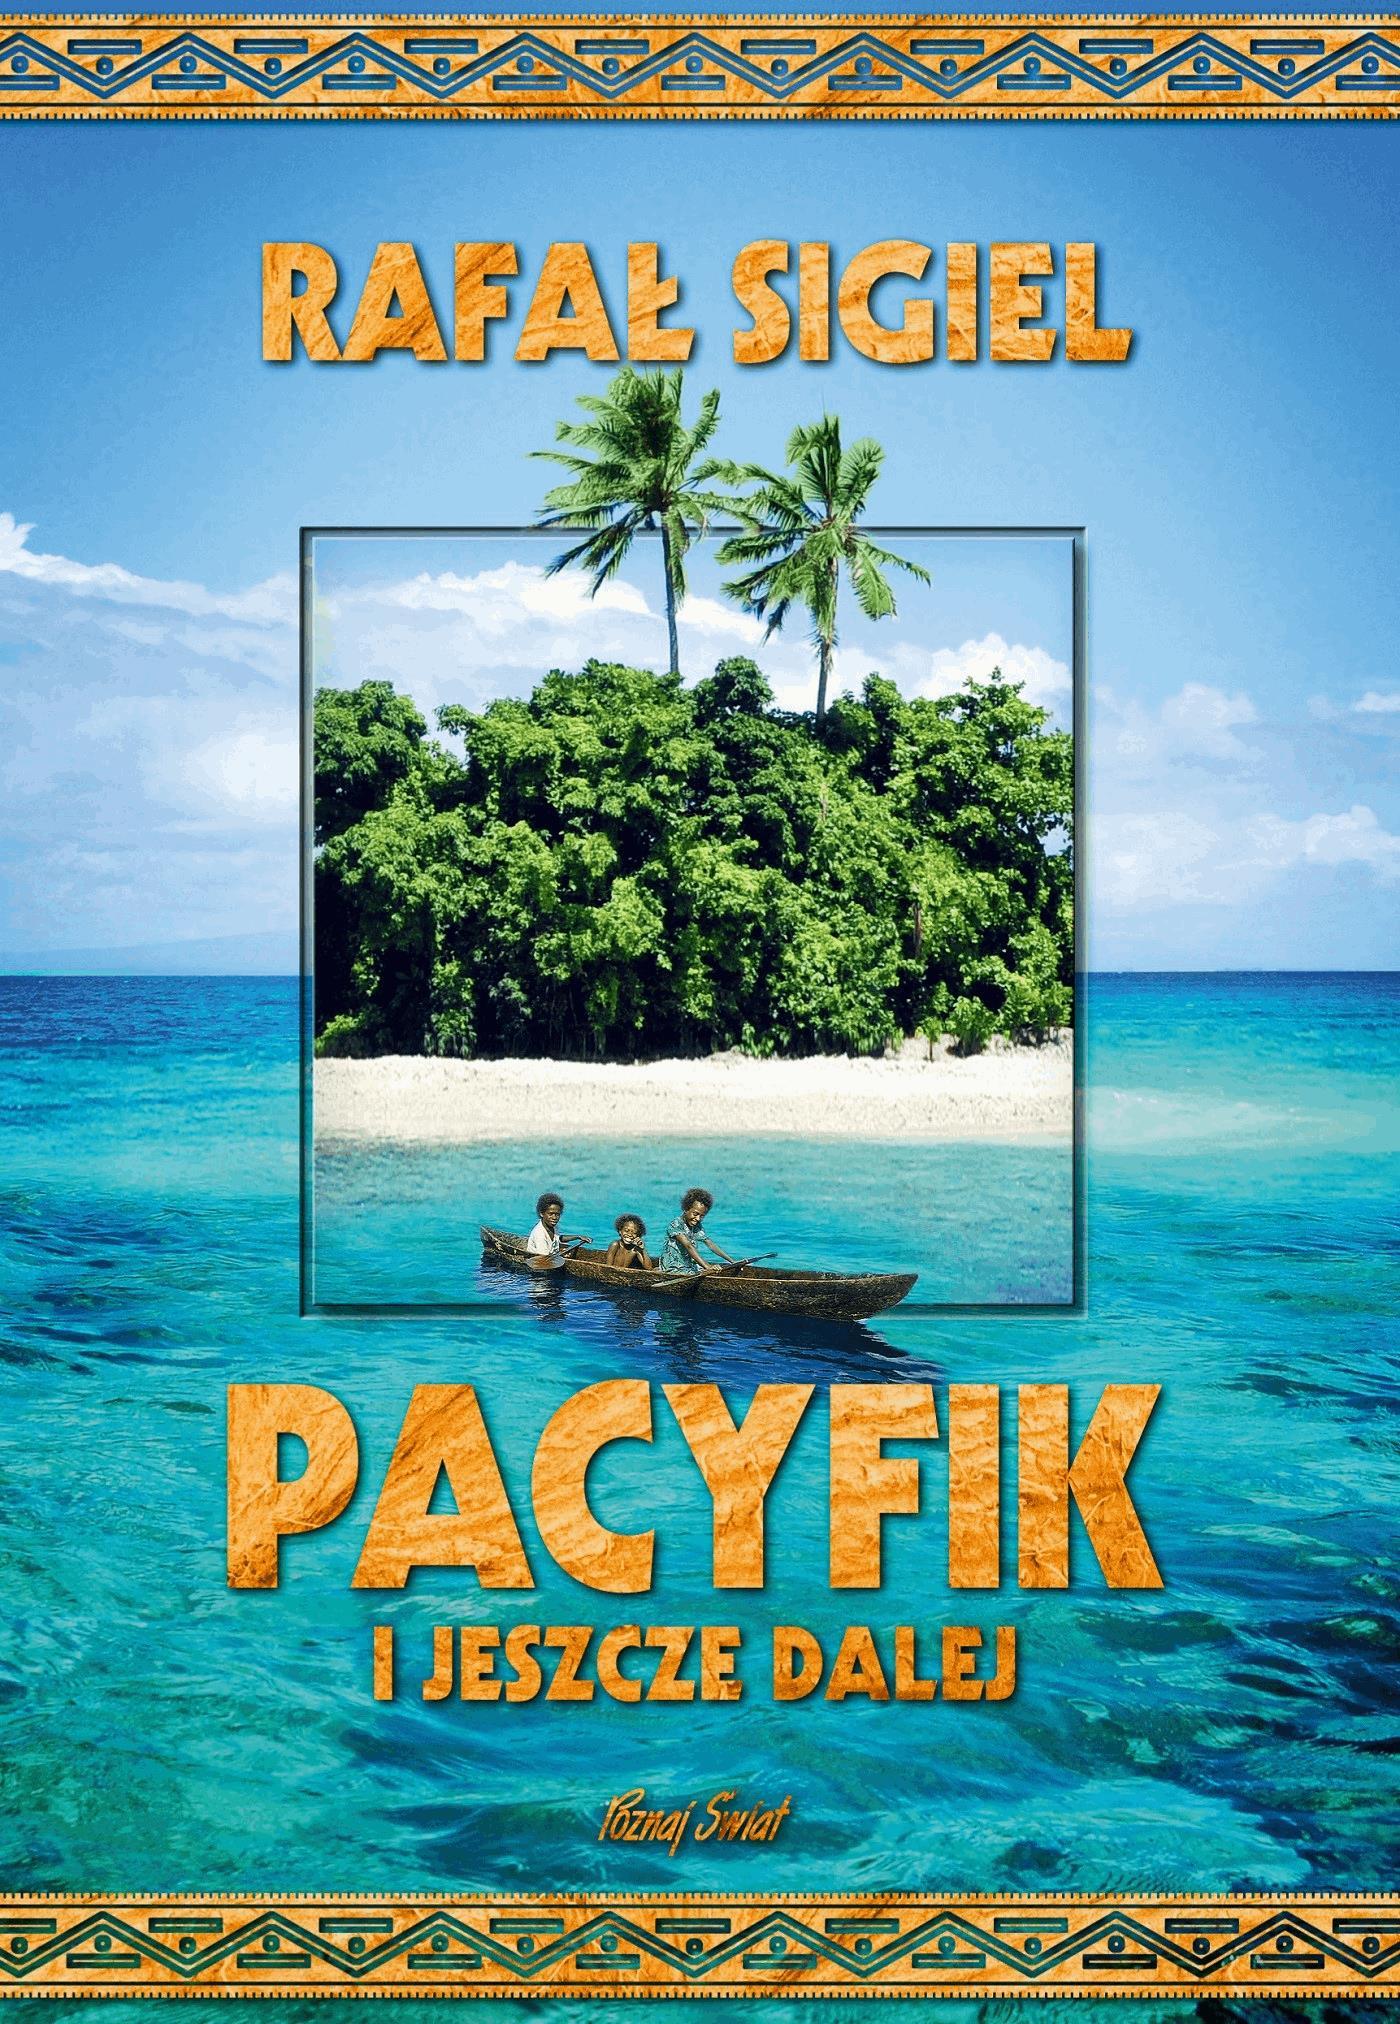 Pacyfik i jeszcze dalej - Tylko w Legimi możesz przeczytać ten tytuł przez 7 dni za darmo. - Rafał Sigiel